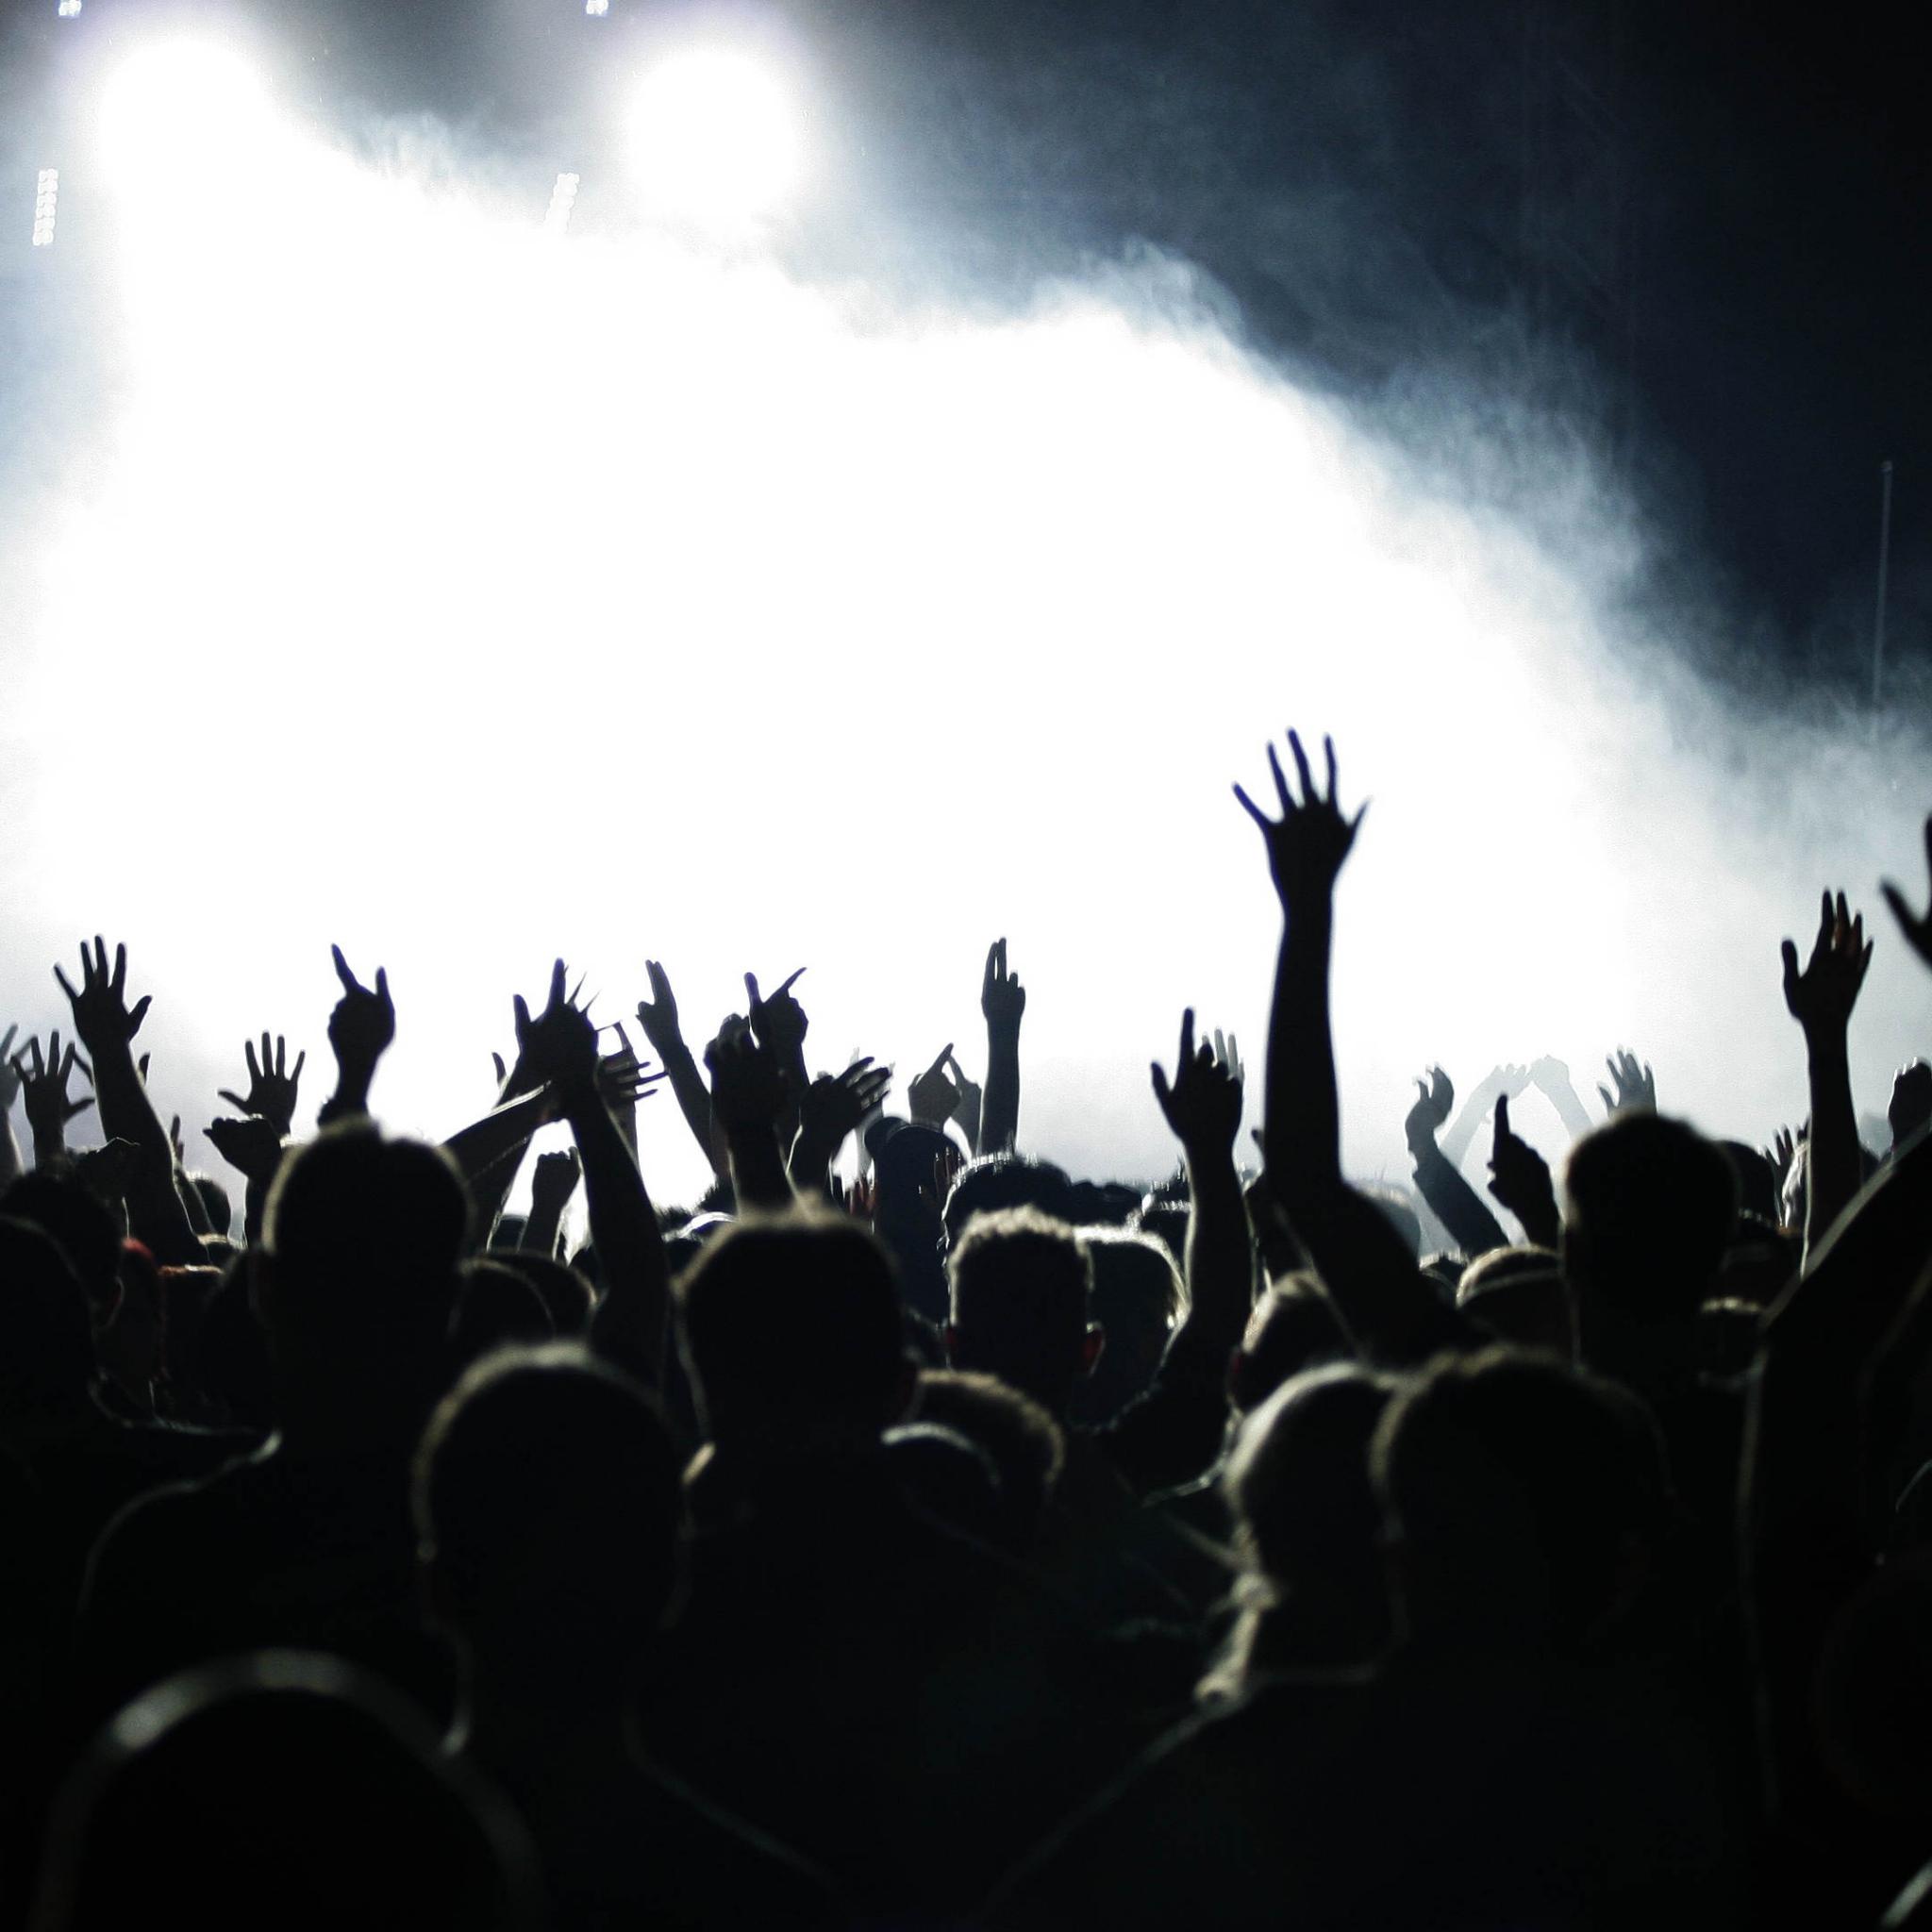 people_hands_concert_music_crowd_80452_2048x2048.jpg